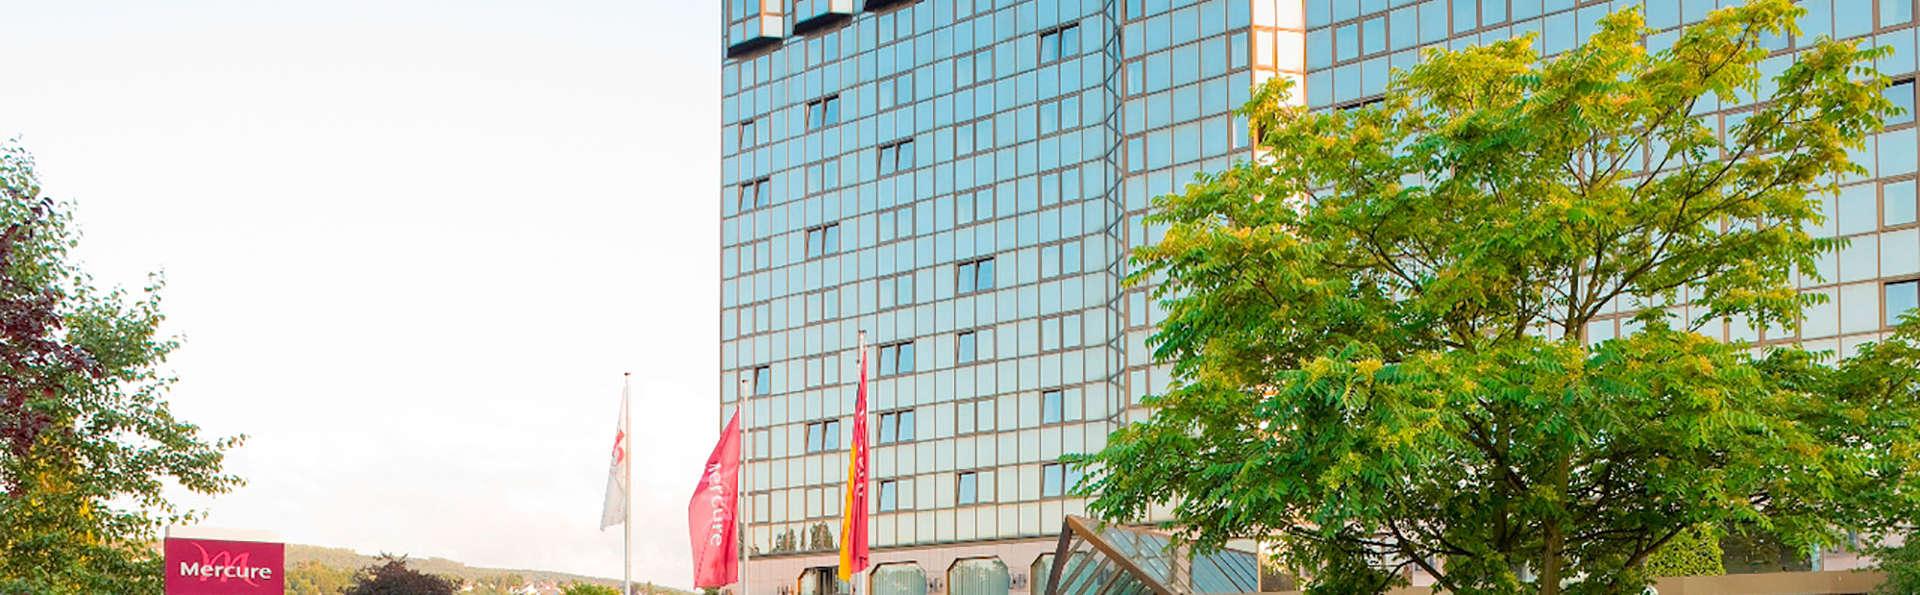 Mercure Hotel Koblenz - EDIT_front.jpg